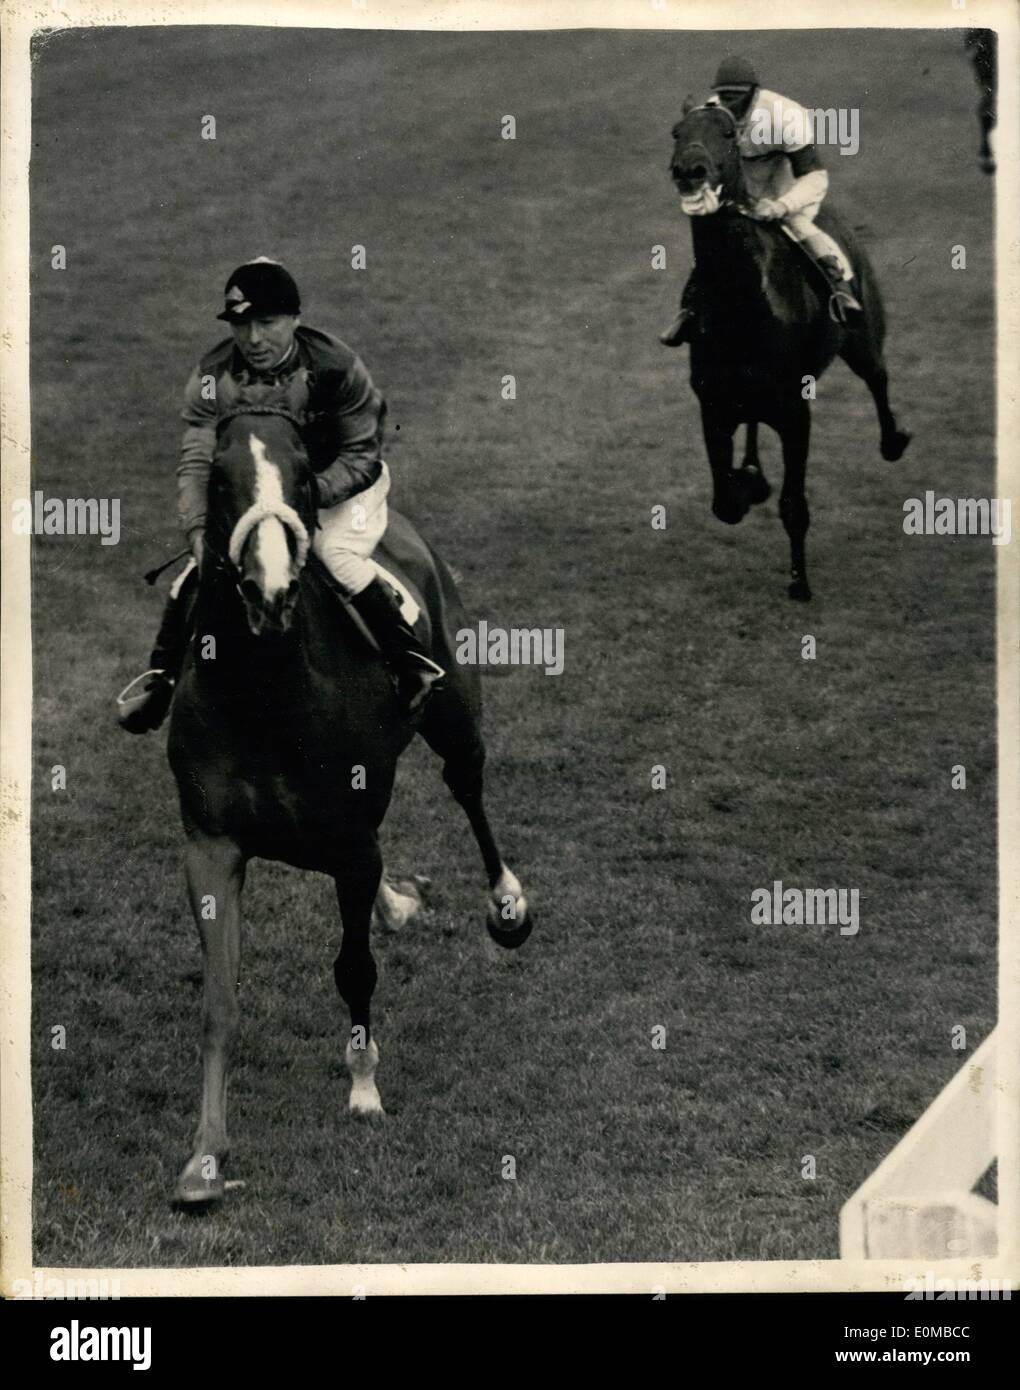 3. Juni 1954 - 06.03.54 Rennen in Epsom. Der Königin Pferd gewinnt Coronation Cup. Keystone-Foto zeigt: Die Szene in Epsom heute zeigen die Königin Pferd Aureole geritten von E. Smith, gewann den Coronation Cup in Epsom heute von Chatsworth (F. Barlow) Stockbild